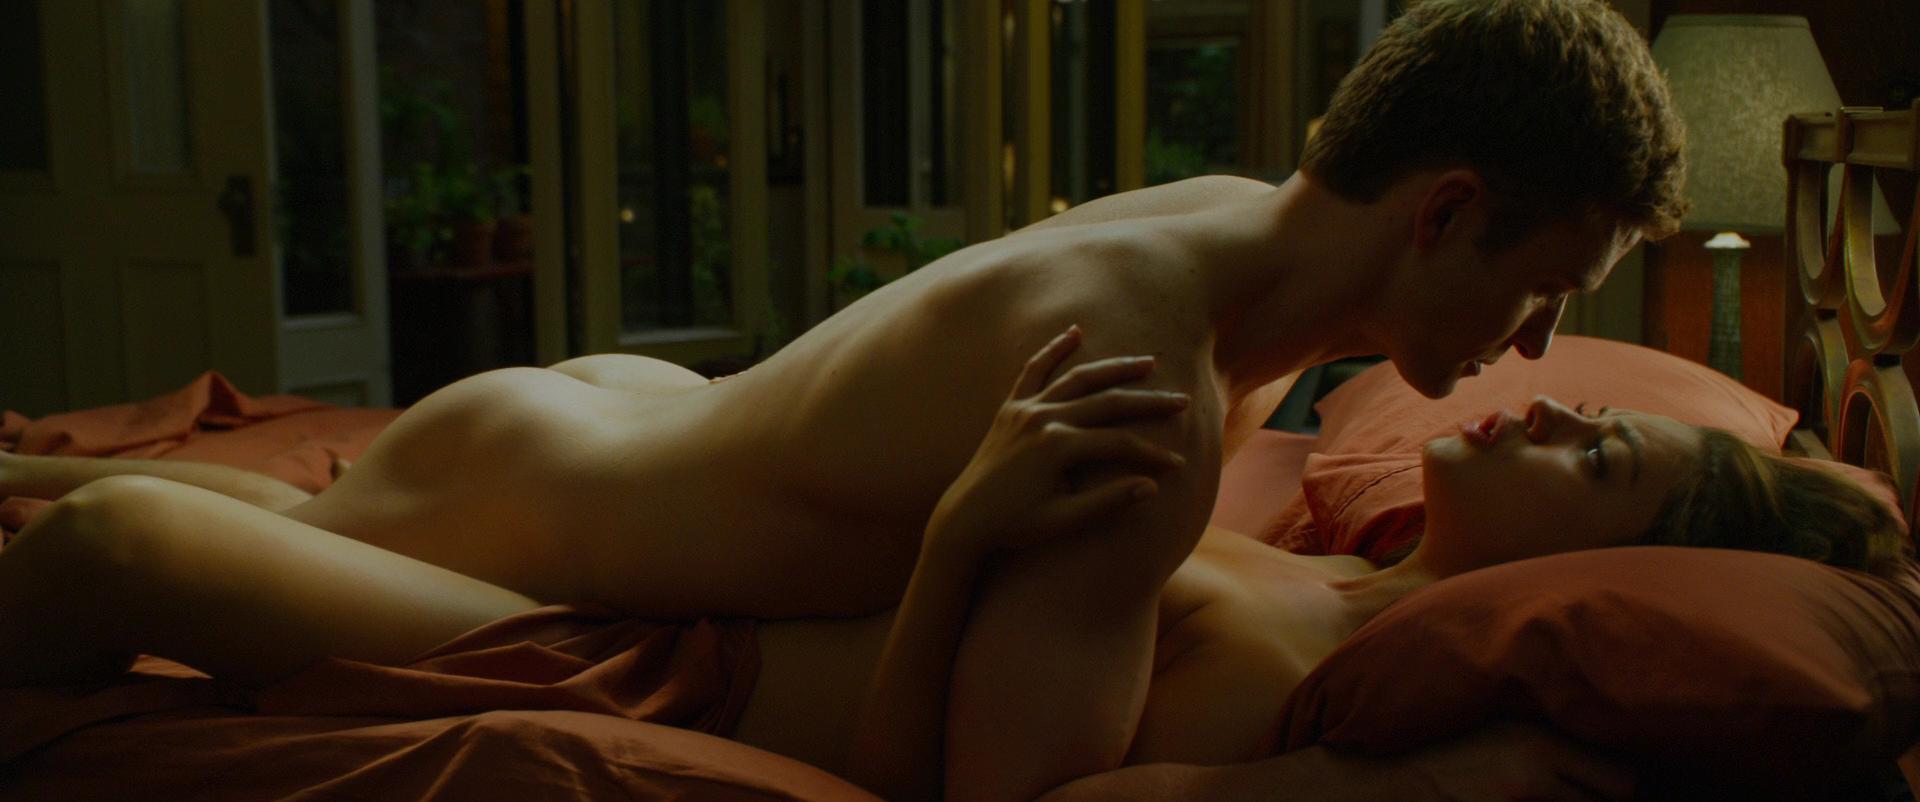 naked-sex-drama-man